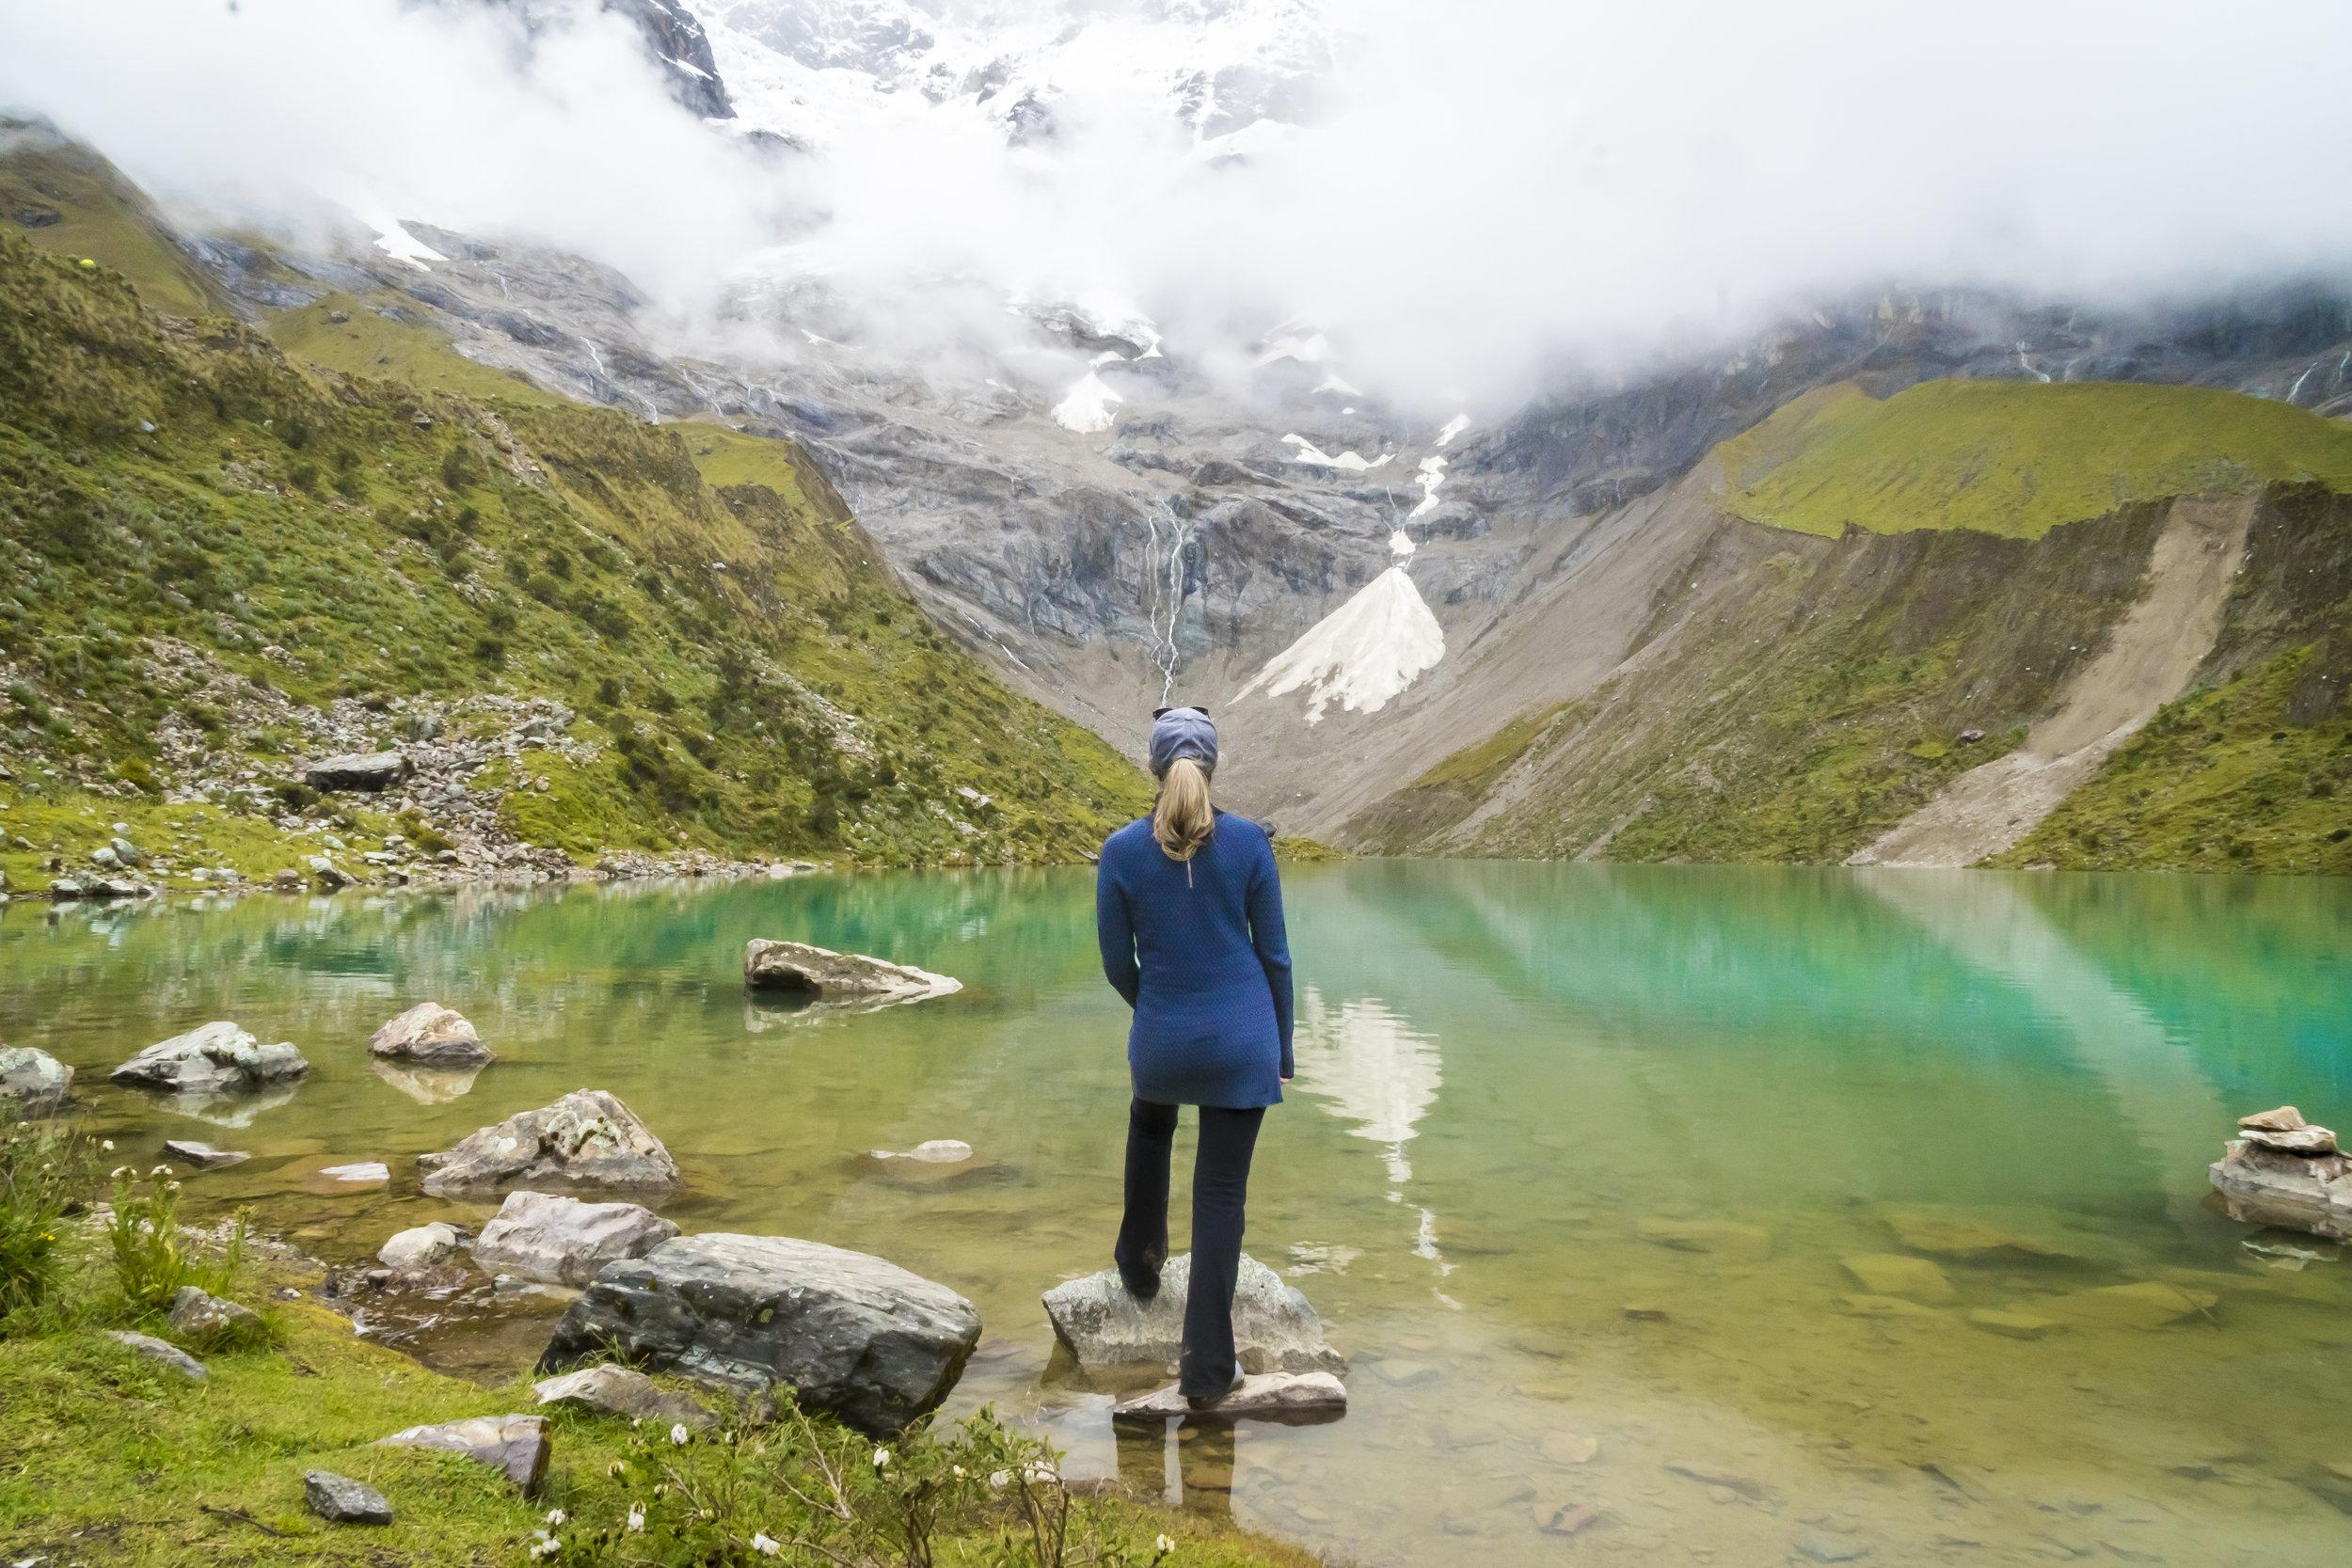 Laguna de Humantay - Uno de los paisajes más prístinos y hermosos que puedas apreciar en Perú. Esta laguna con colores surreales a los pies de los Andes peruanos te regalará uno de los mejores recorridos naturales de todo Perú.